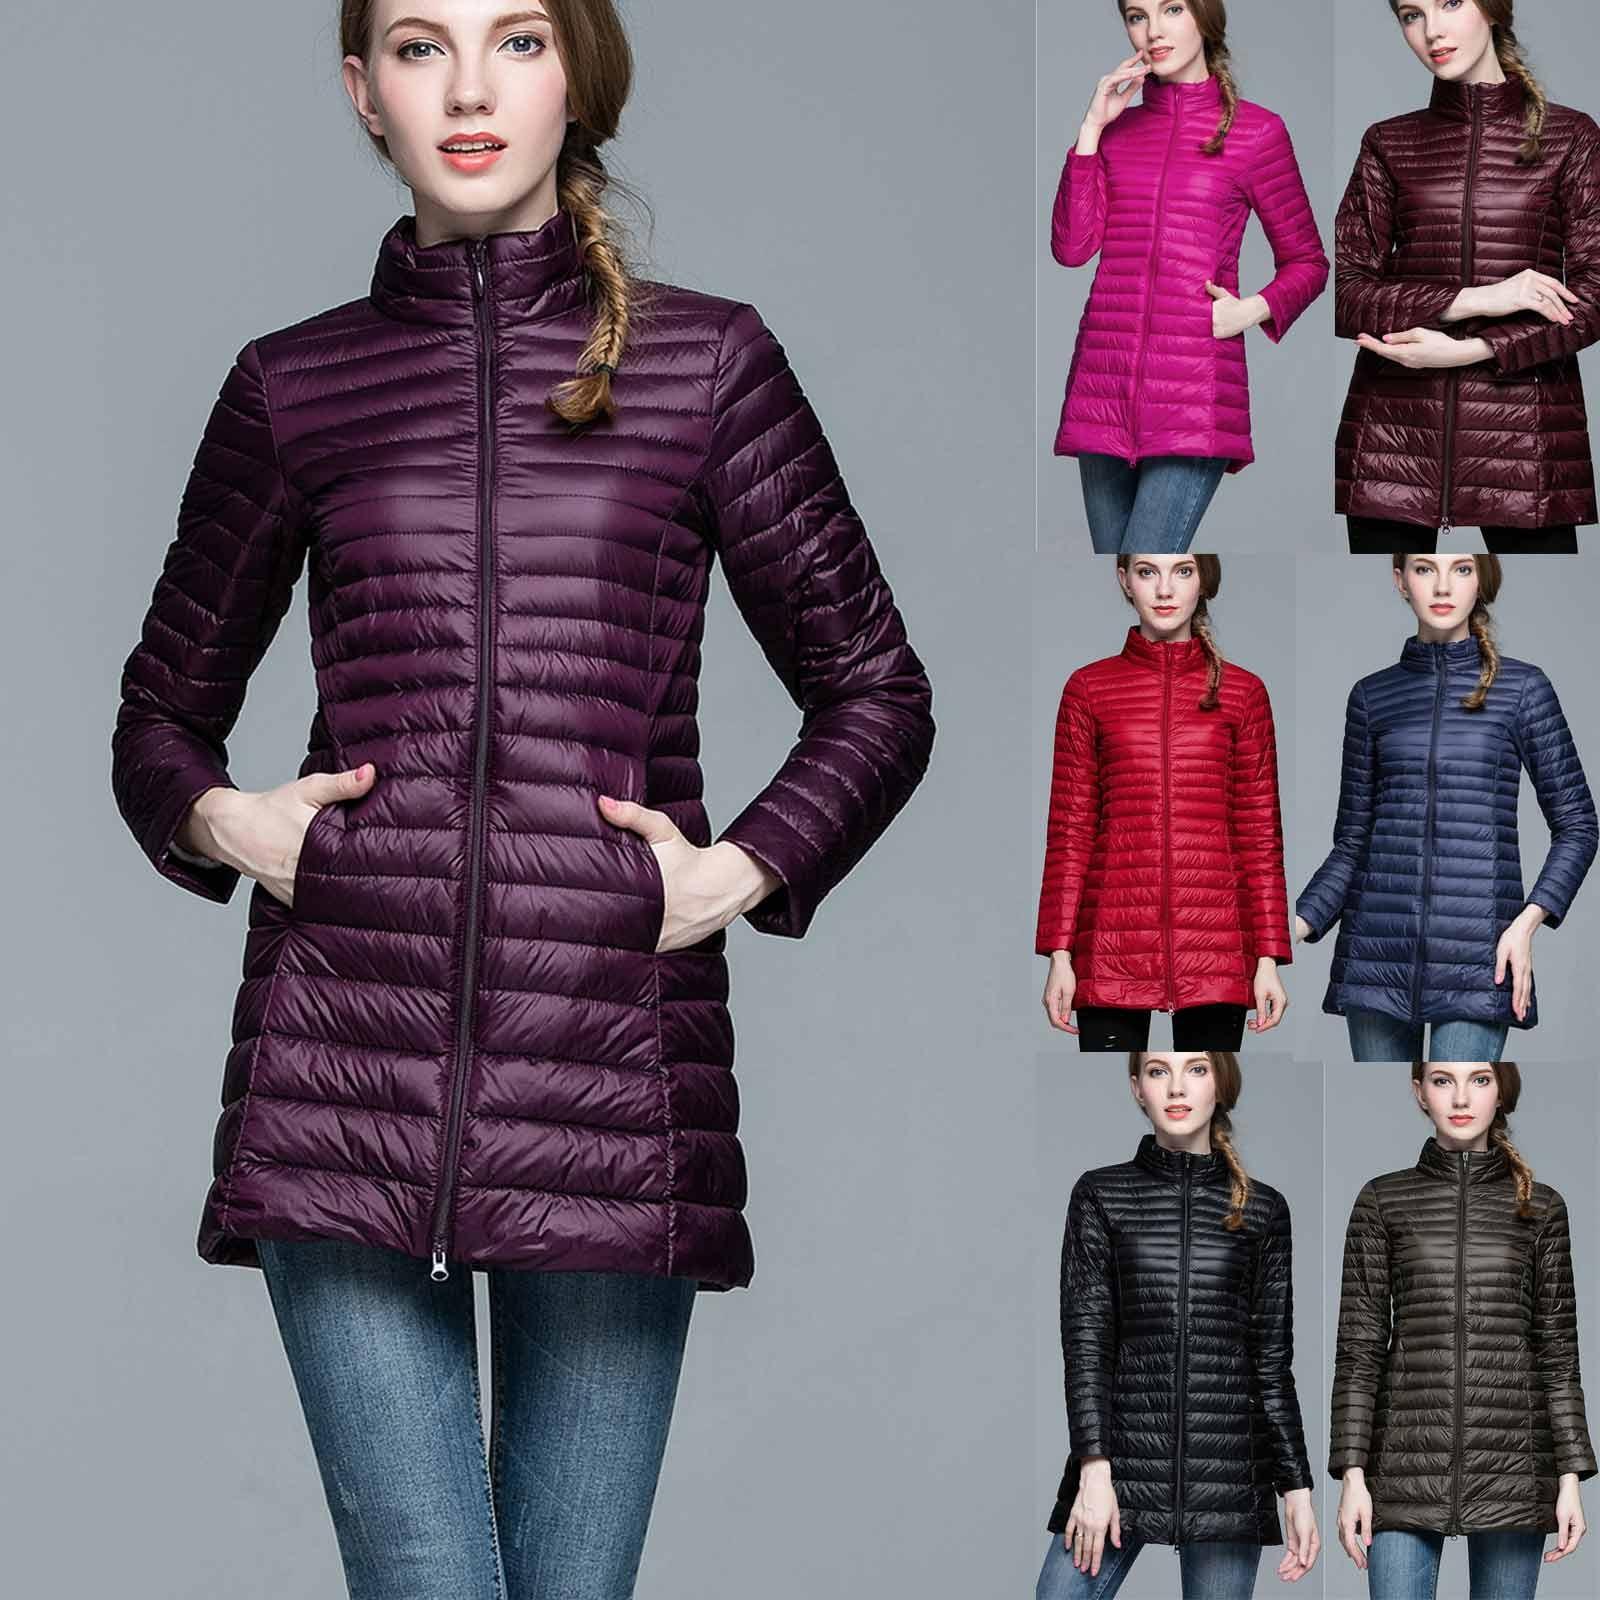 Chaqueta con bolsillos y cremallera, Abrigo de invierno cálido para Mujer, Parkas...